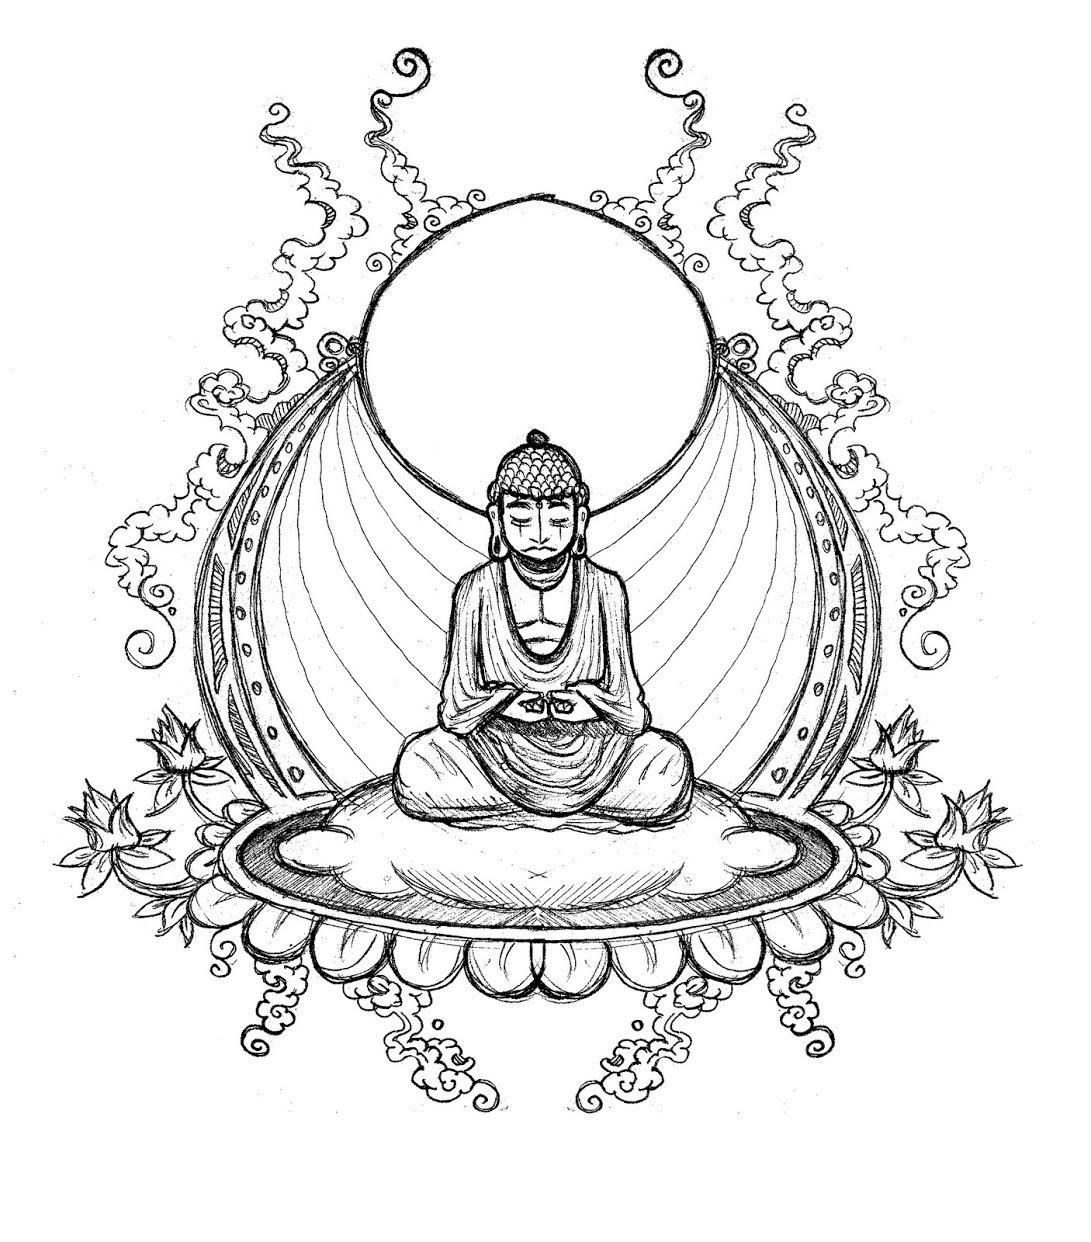 1091x1242 Hindu Mythology Buddha